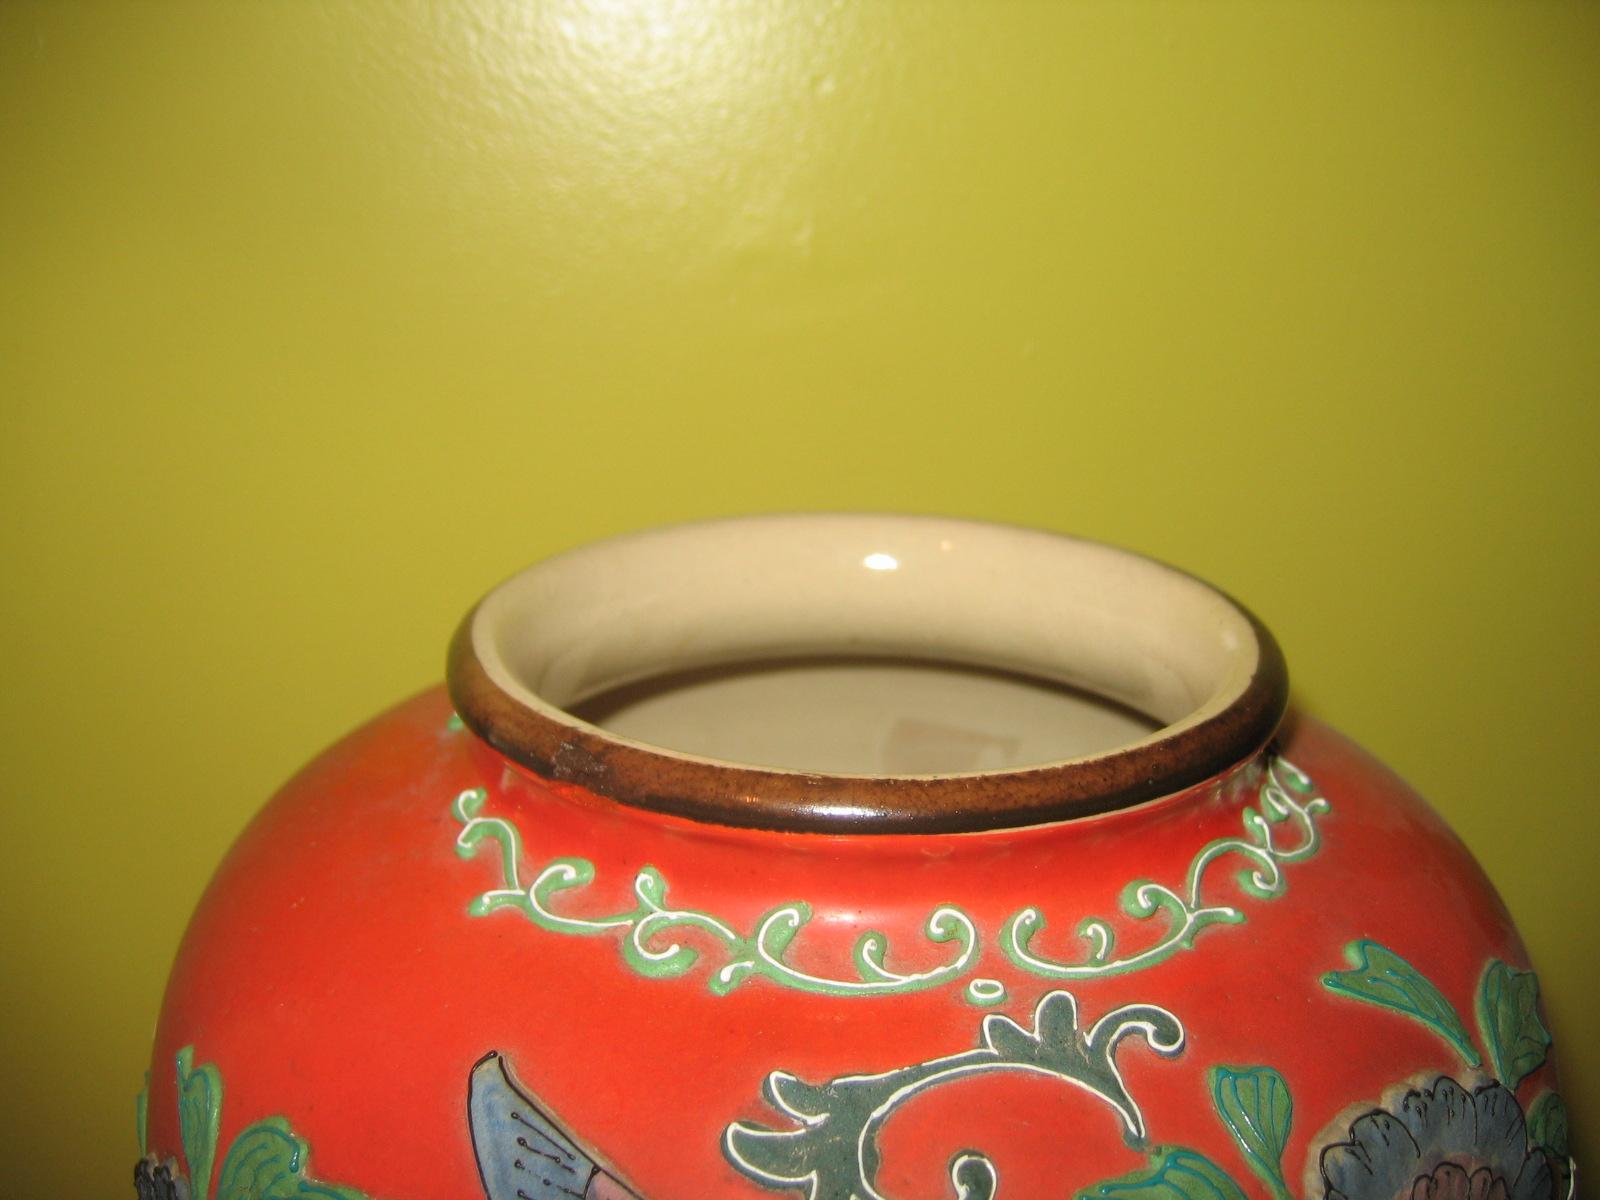 Vintage japanese ceramic pottery majolica floral flower vase vintage japanese ceramic pottery majolica floral flower vase item 275 for sale reviewsmspy